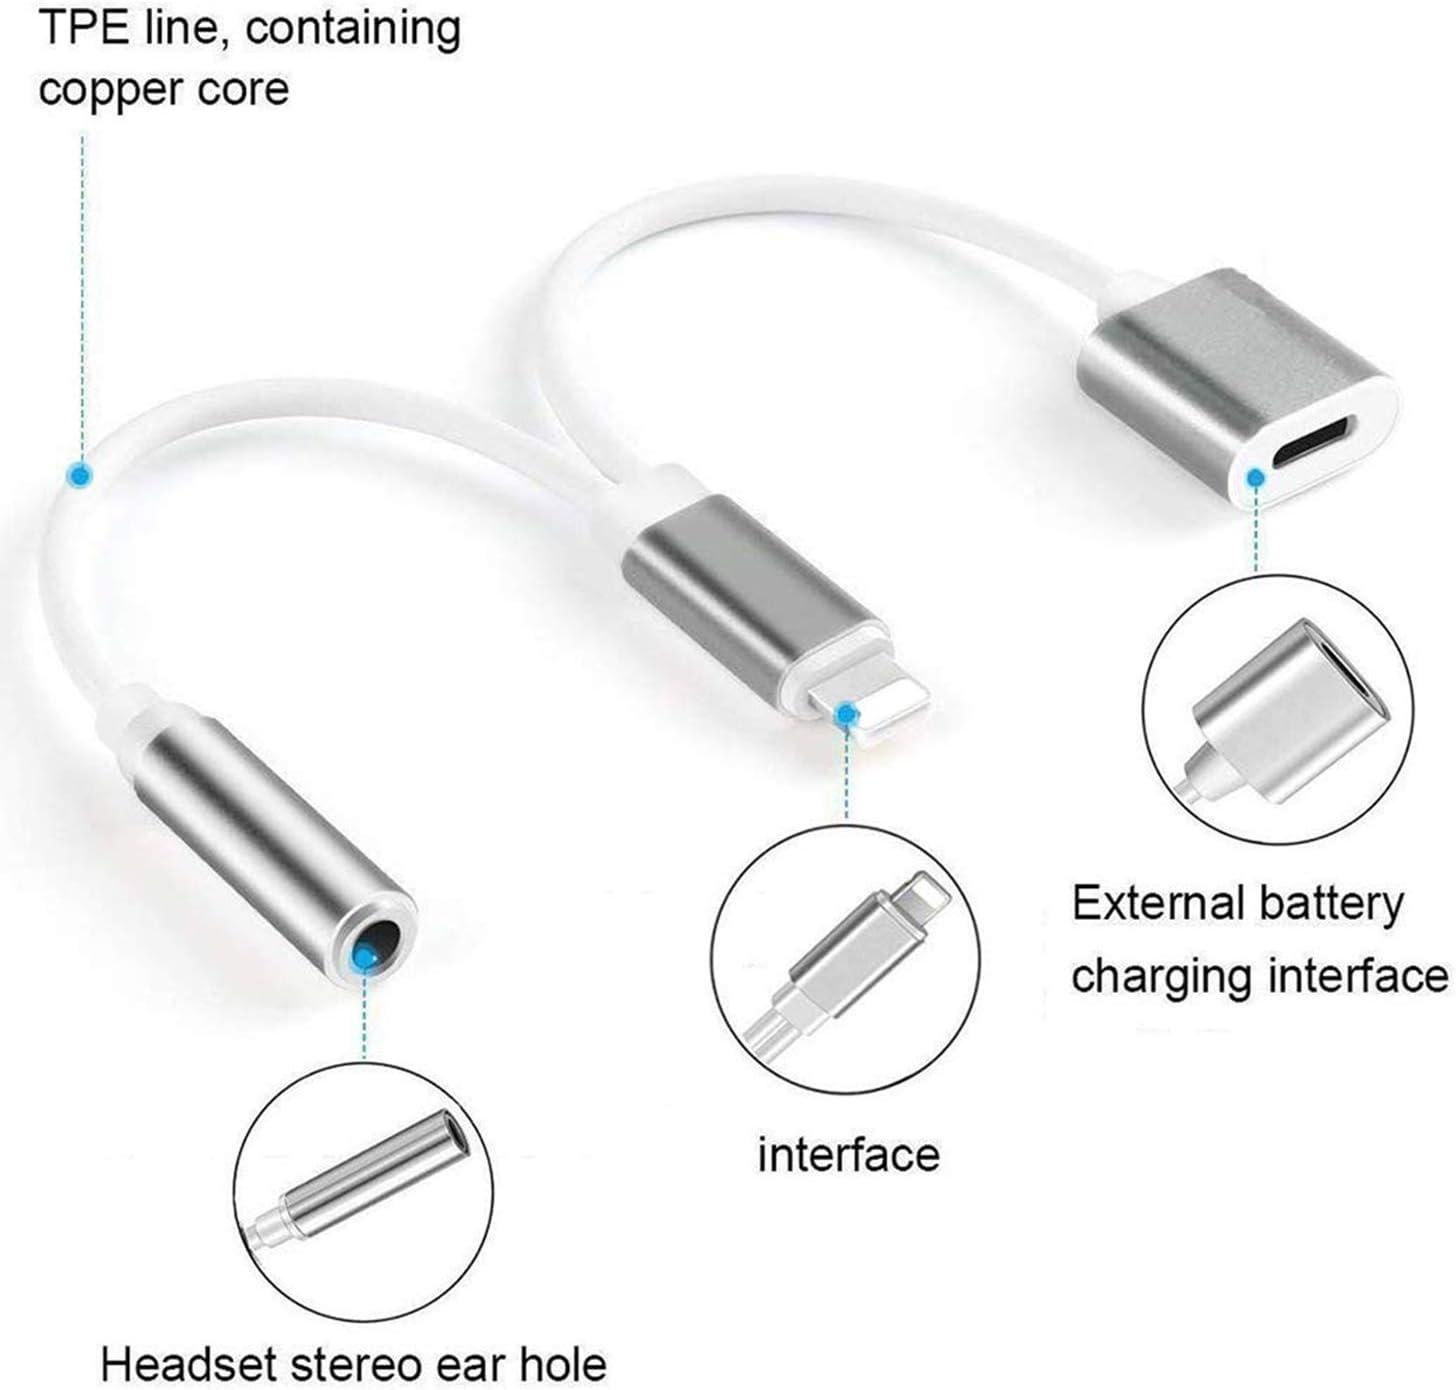 White Kopfh/örer Adapter f/ür iPhone 8 auf 3,5mm Klinke Splitter Dongle Kopfh/örer zubeh/ör Kabel zum Aux-Audio-Anschluss f/ür iPhone X//Xs//XS max//8//8 Plus//7//7 Plus 2 in 1 zubeh/ör Kabel IOS12 oder h/öher